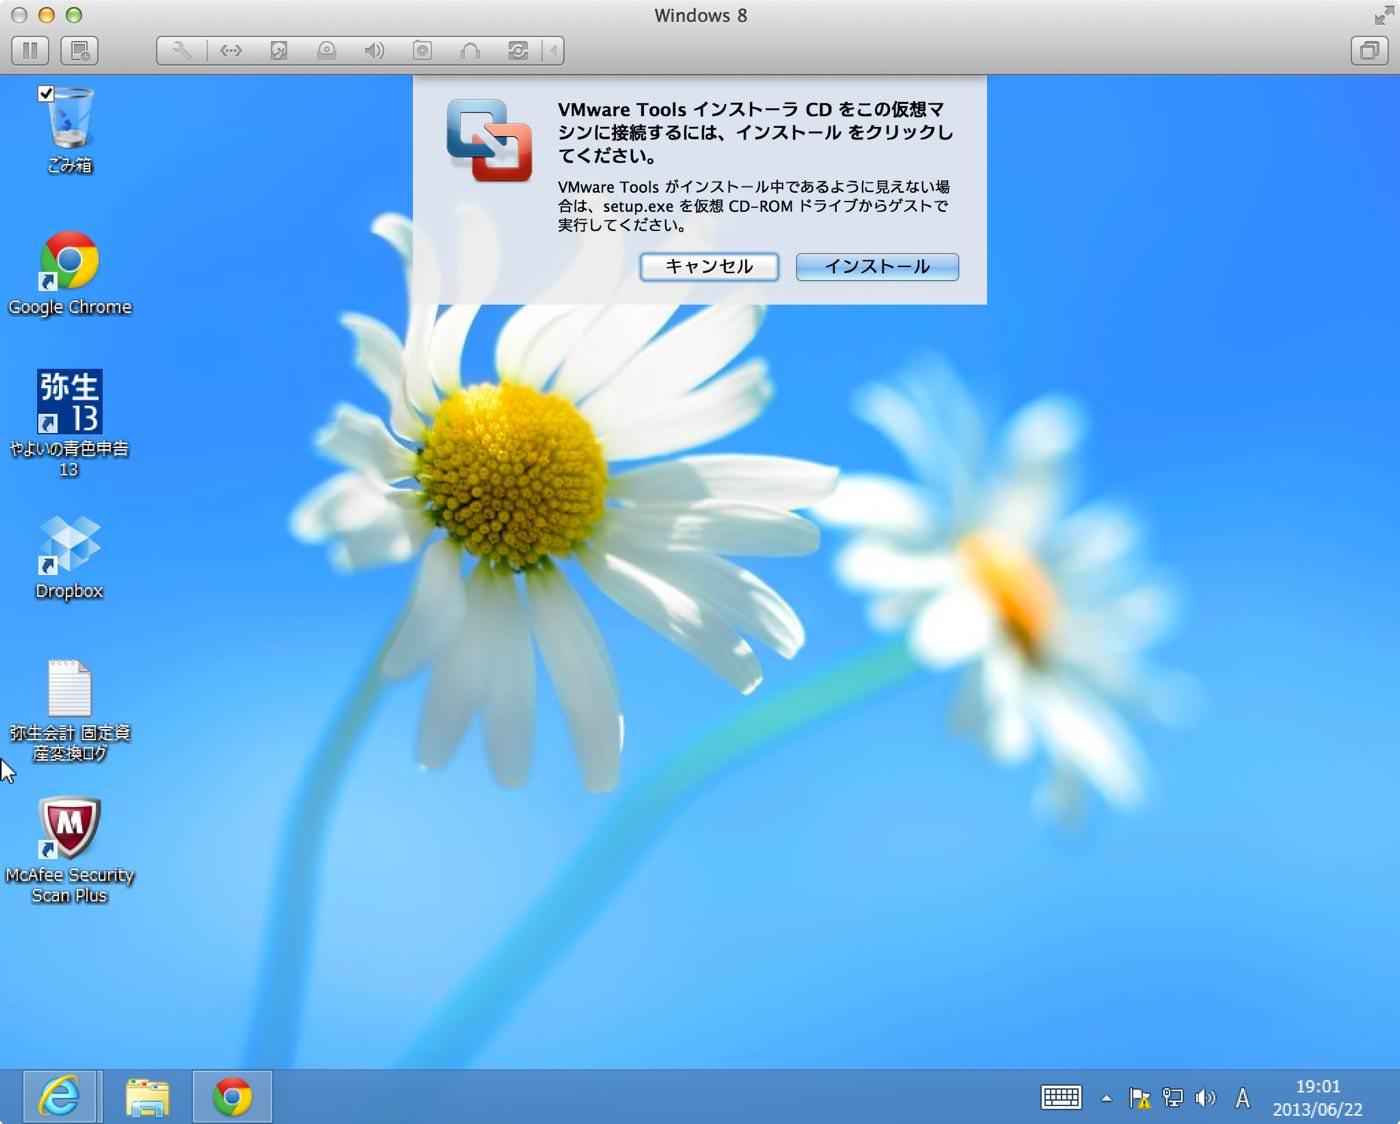 VMware ToolsインストーラCDをこの仮想マシンに接続するには、インストールをクリックしてください。アラート。